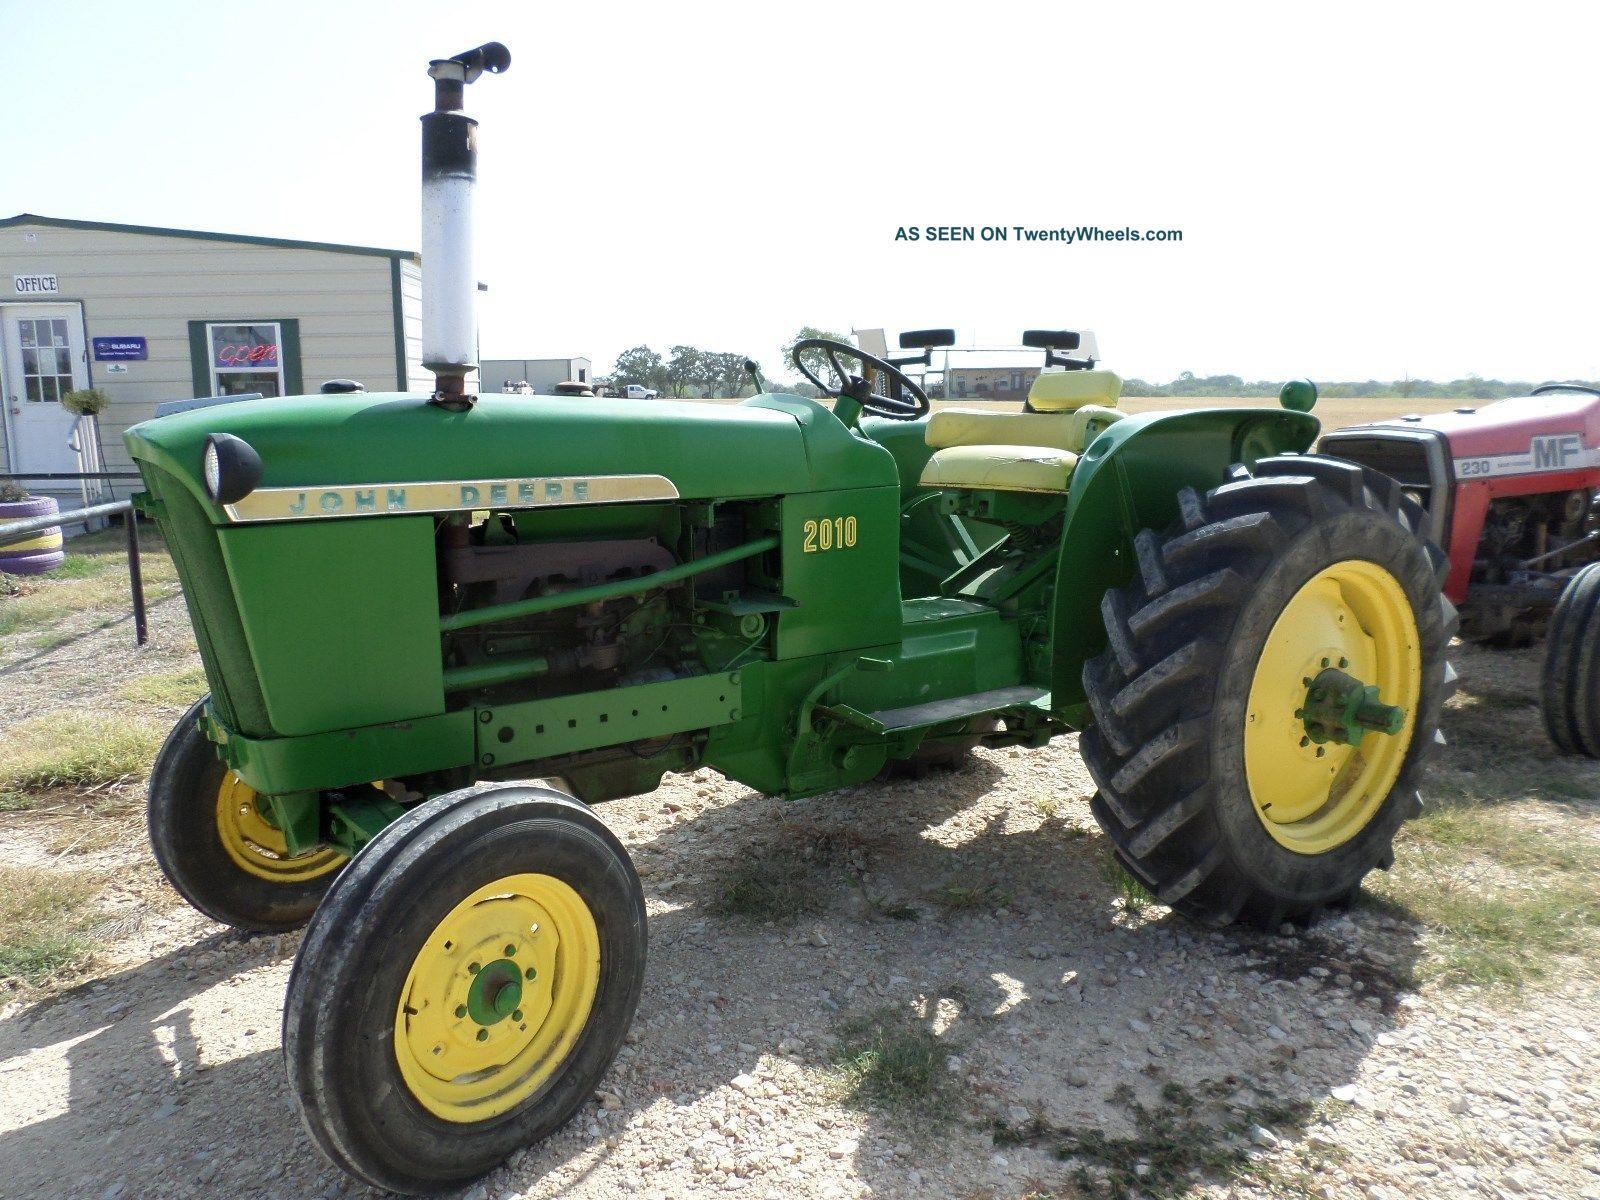 John Deere Tractor Rear Rims For 2010 : John deere tractor